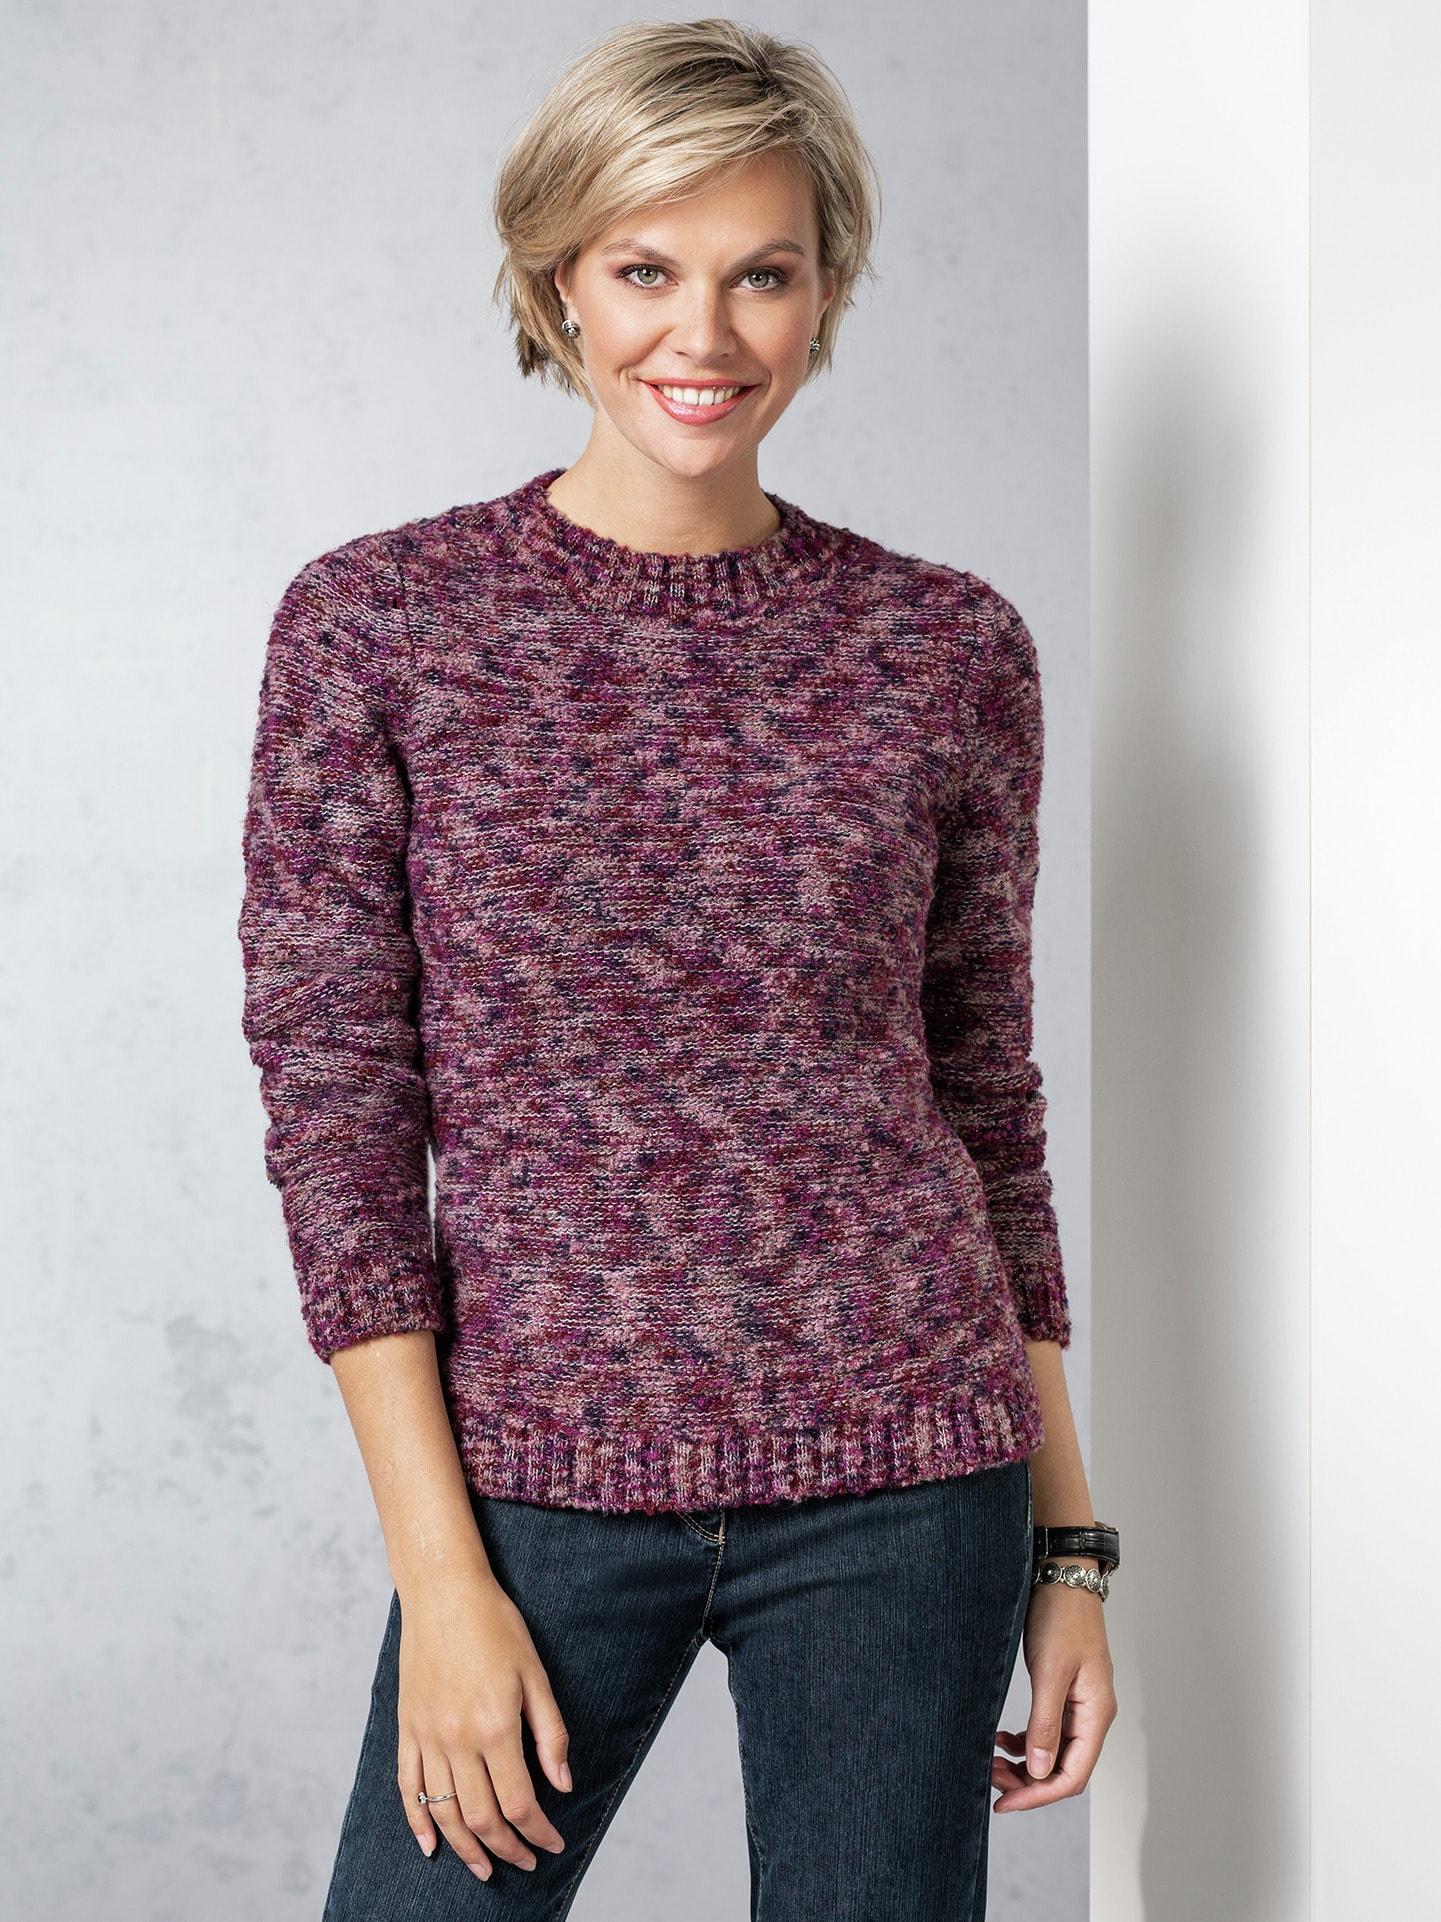 Walbusch Damen Soft Boucle Pullover einfarbig Beere 36, 38, 40, 42, 44, 46, 48, 50, 52 43-3220-4